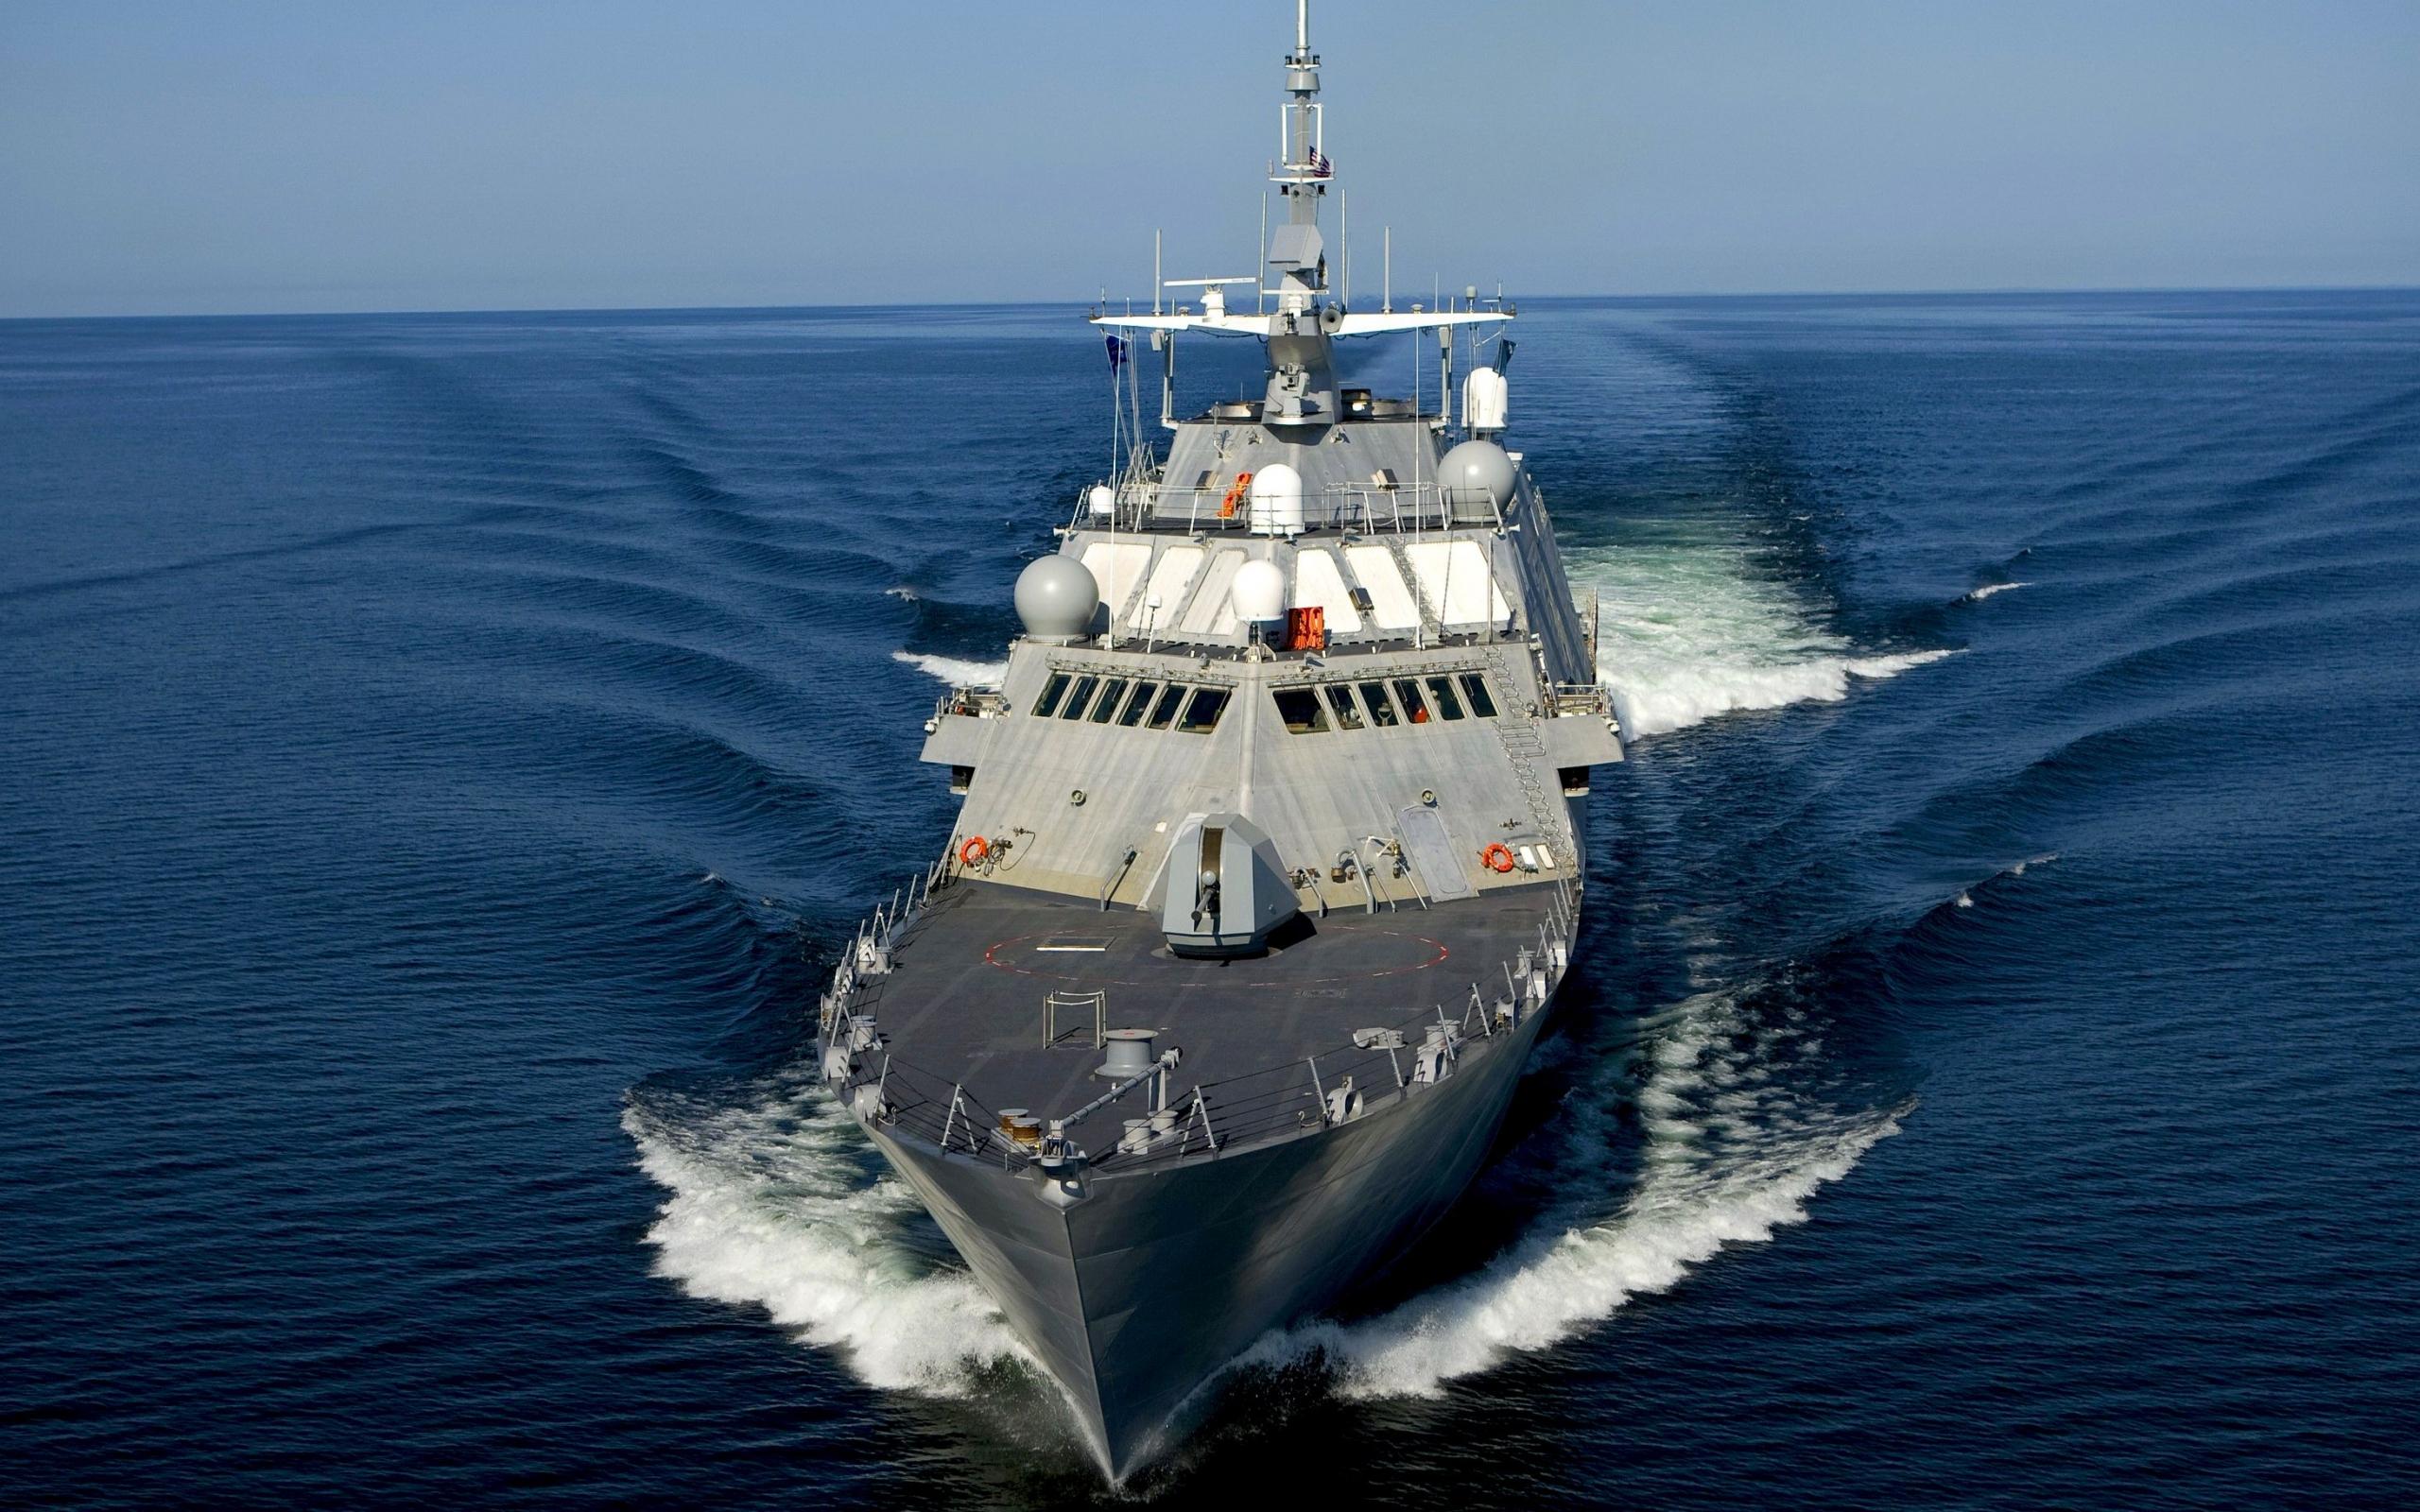 33029 Заставки и Обои Корабли на телефон. Скачать Транспорт, Корабли, Оружие картинки бесплатно